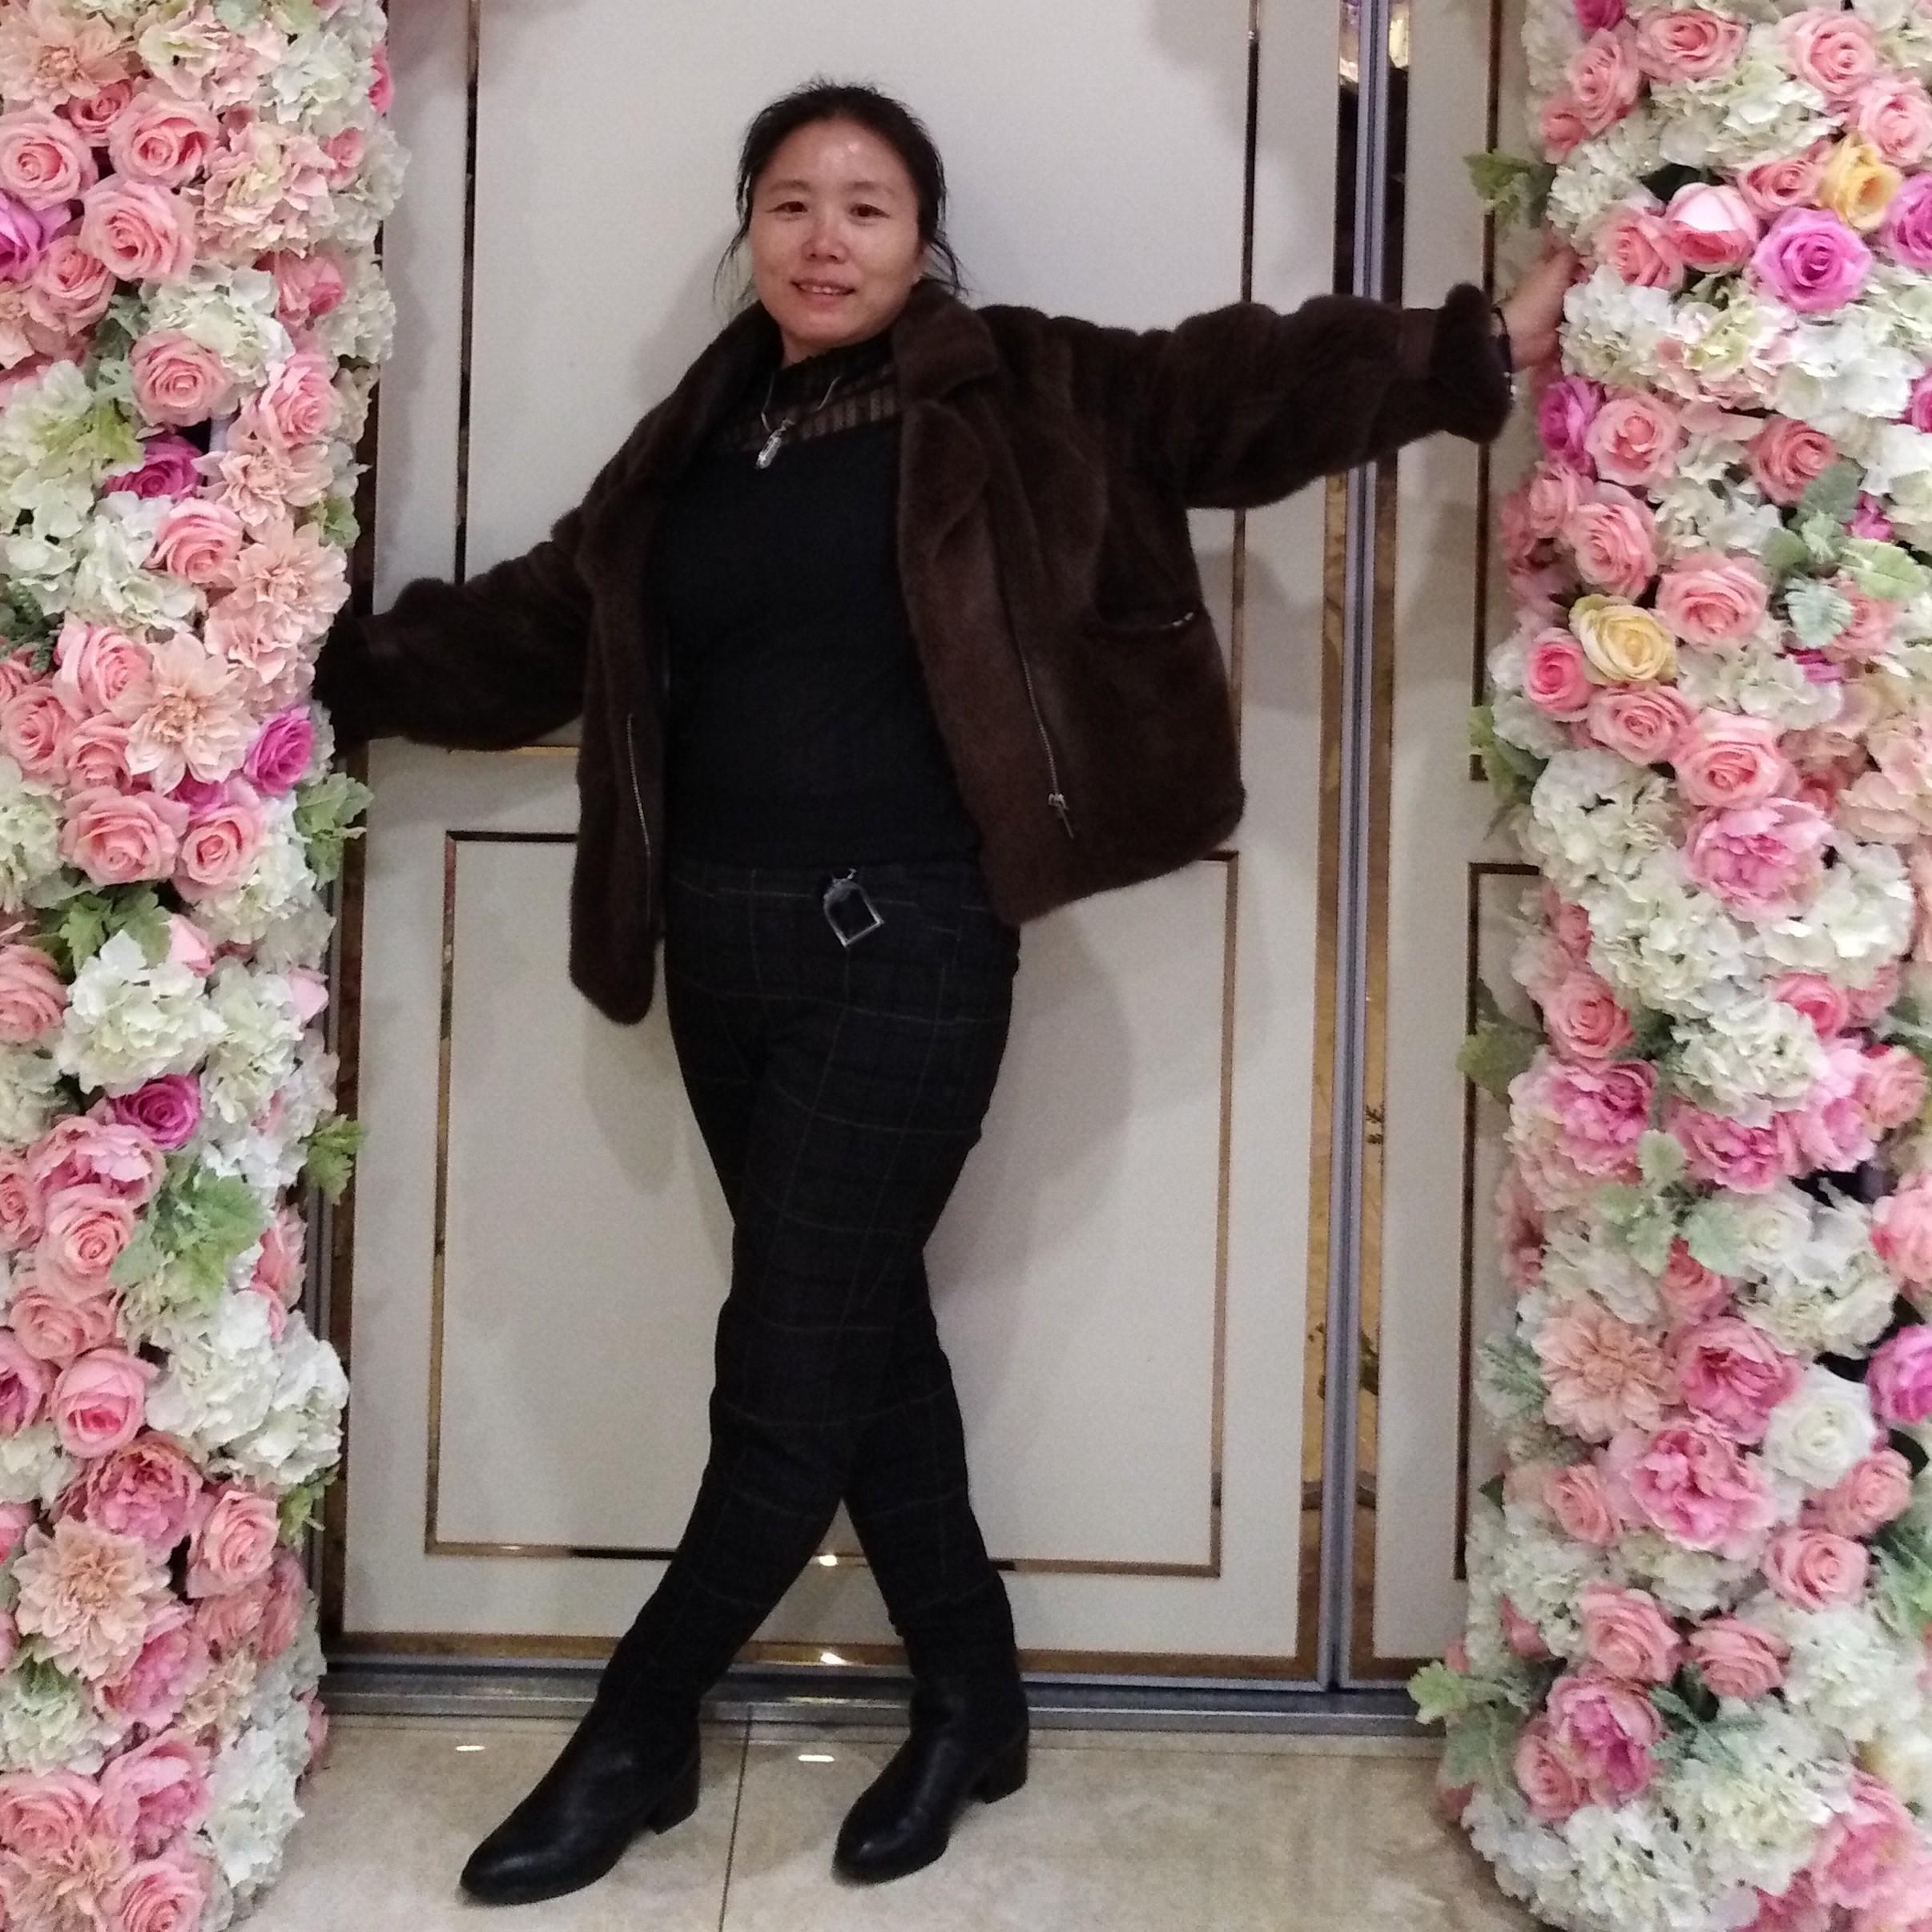 吉林省四平市济州岛休闲会馆业务主管董保利照片